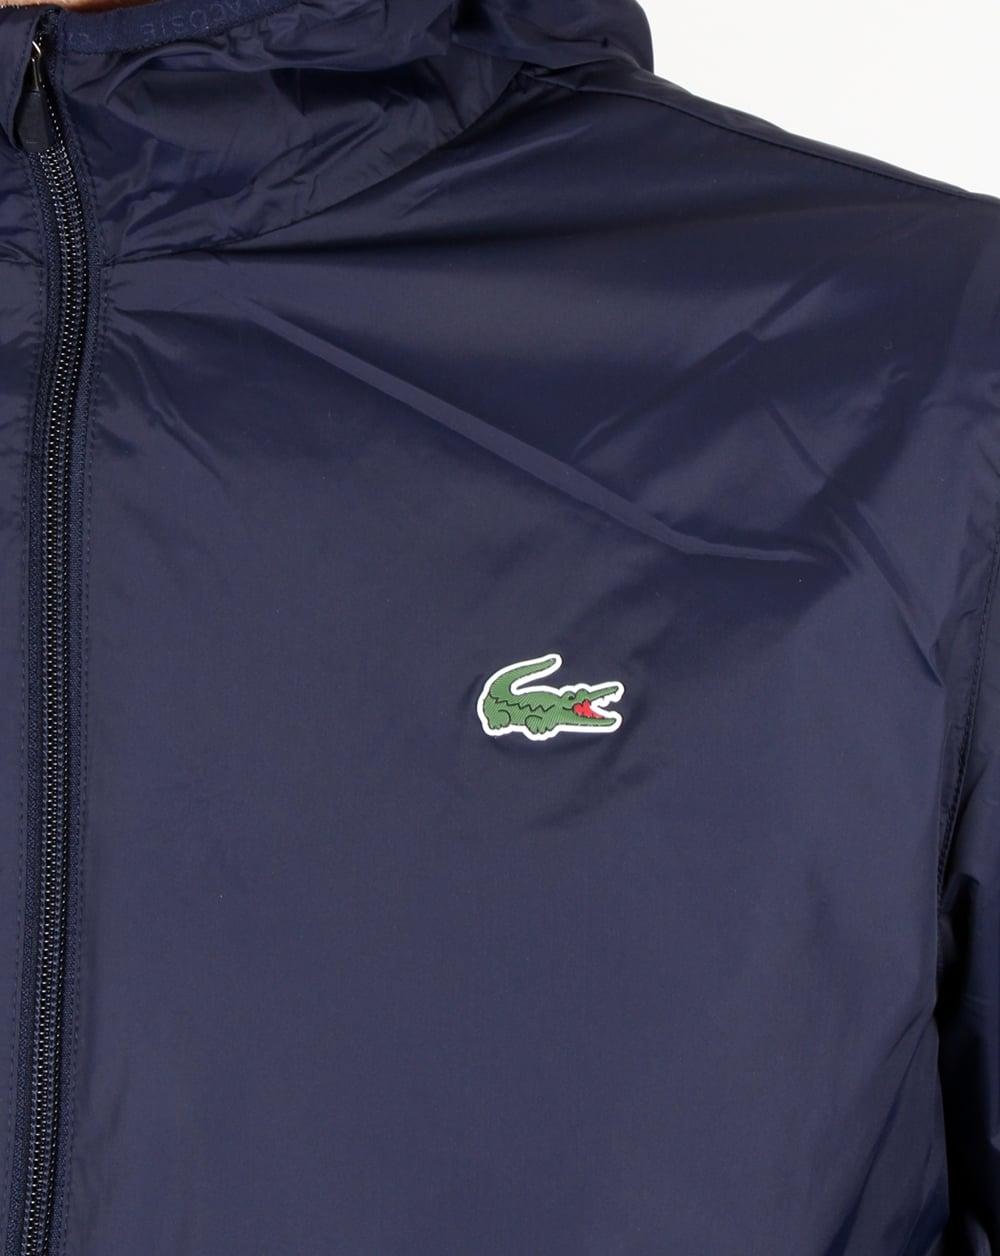 Caterpillar Jackets